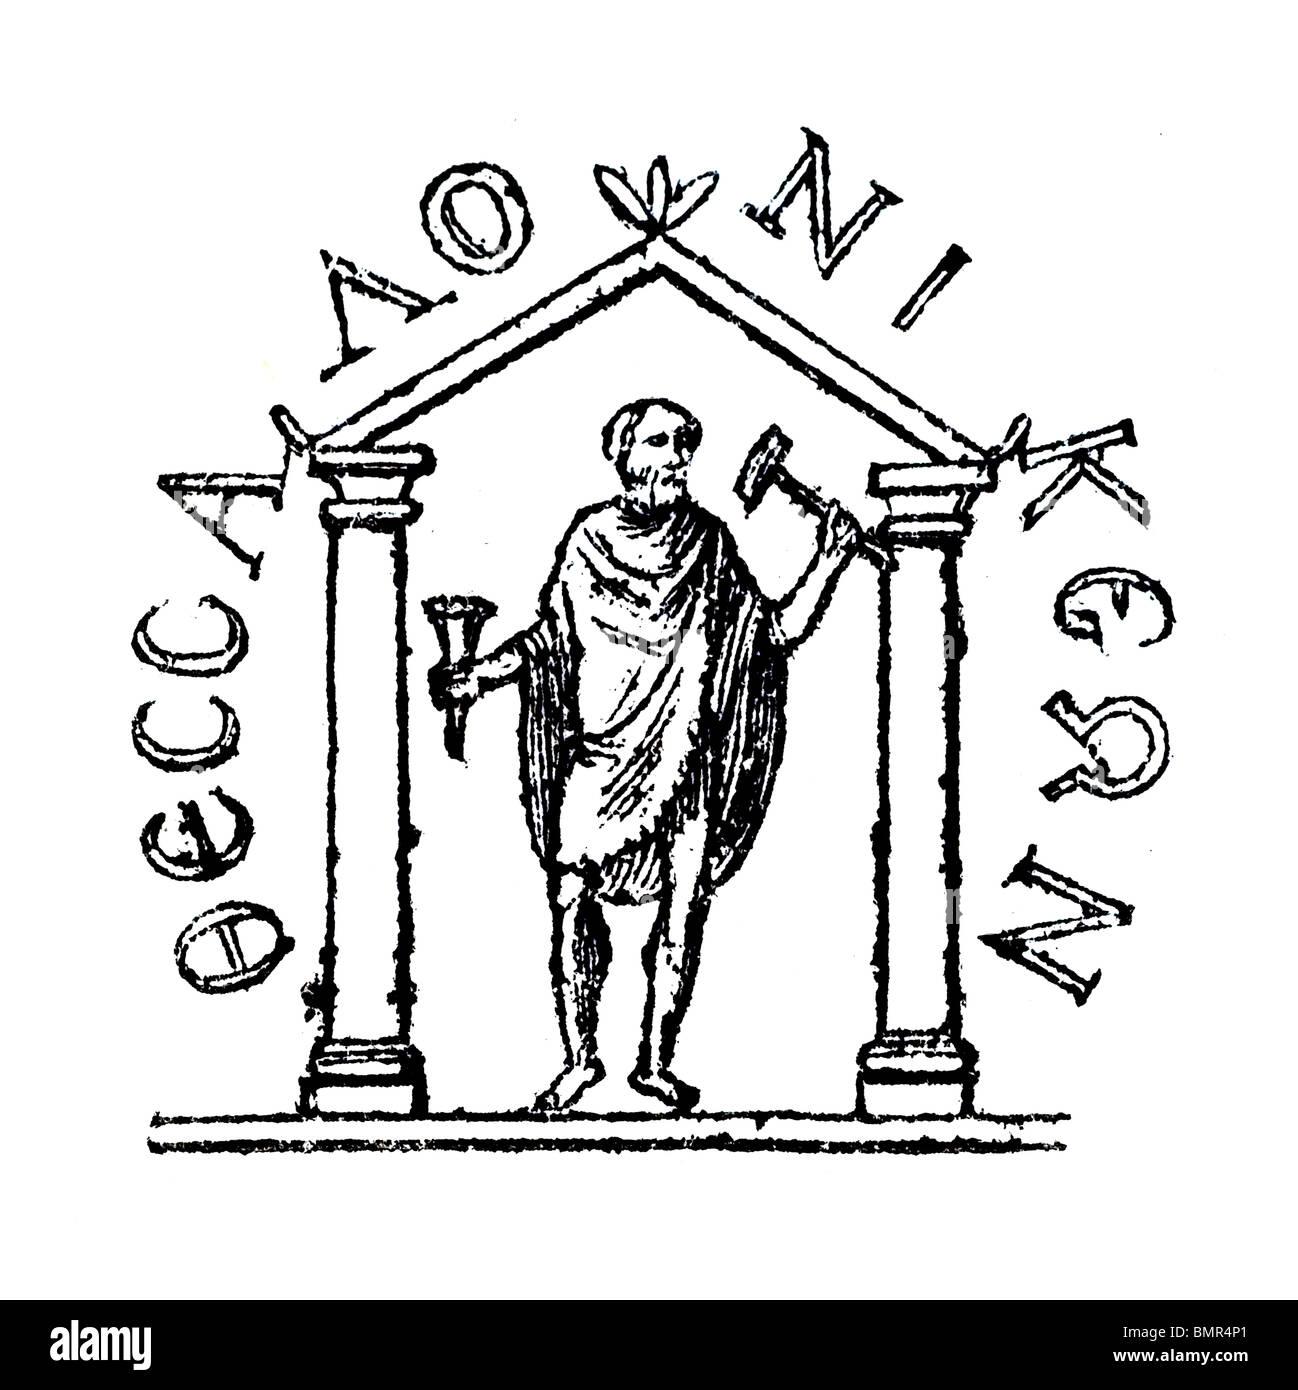 Hephaestus - Stock Image